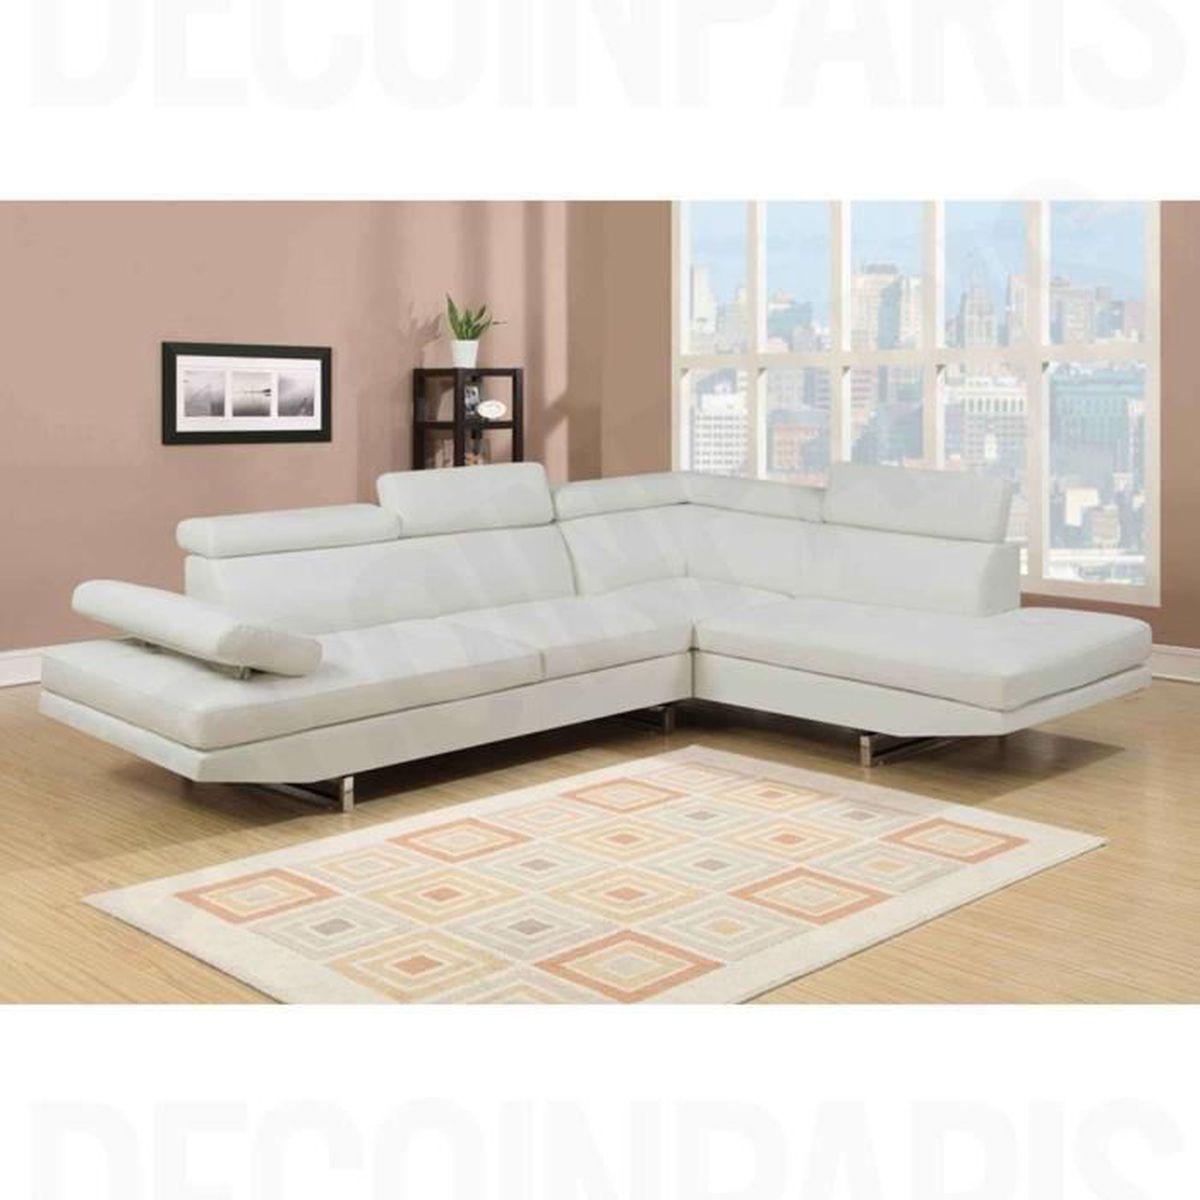 Changer La Couleur D Un Canapé En Cuir canapé design en tissu blanc angle droit rubic - achat